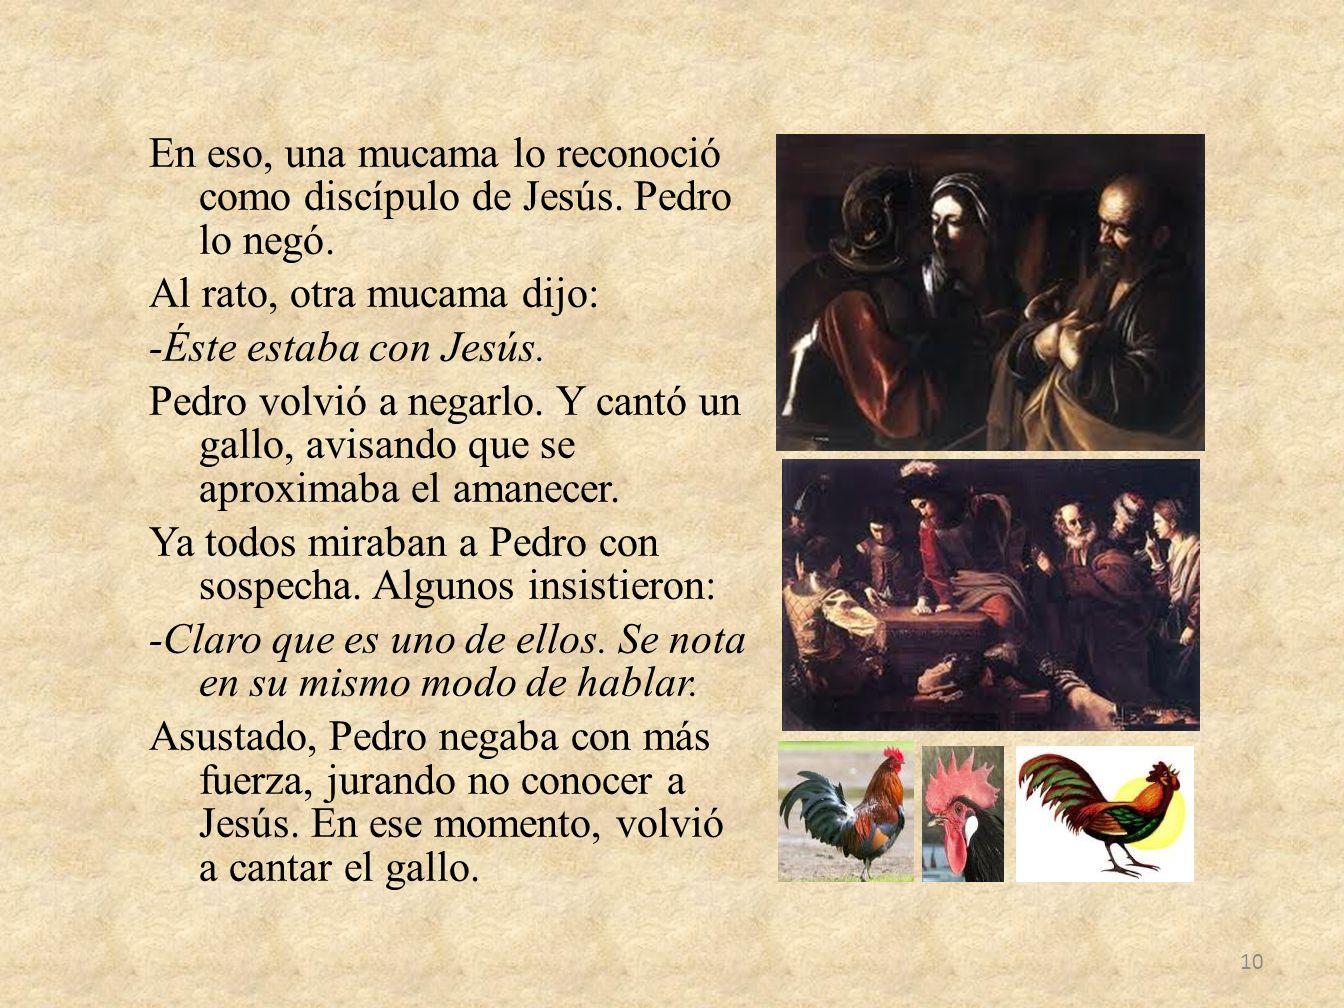 En eso, una mucama lo reconoció como discípulo de Jesús. Pedro lo negó